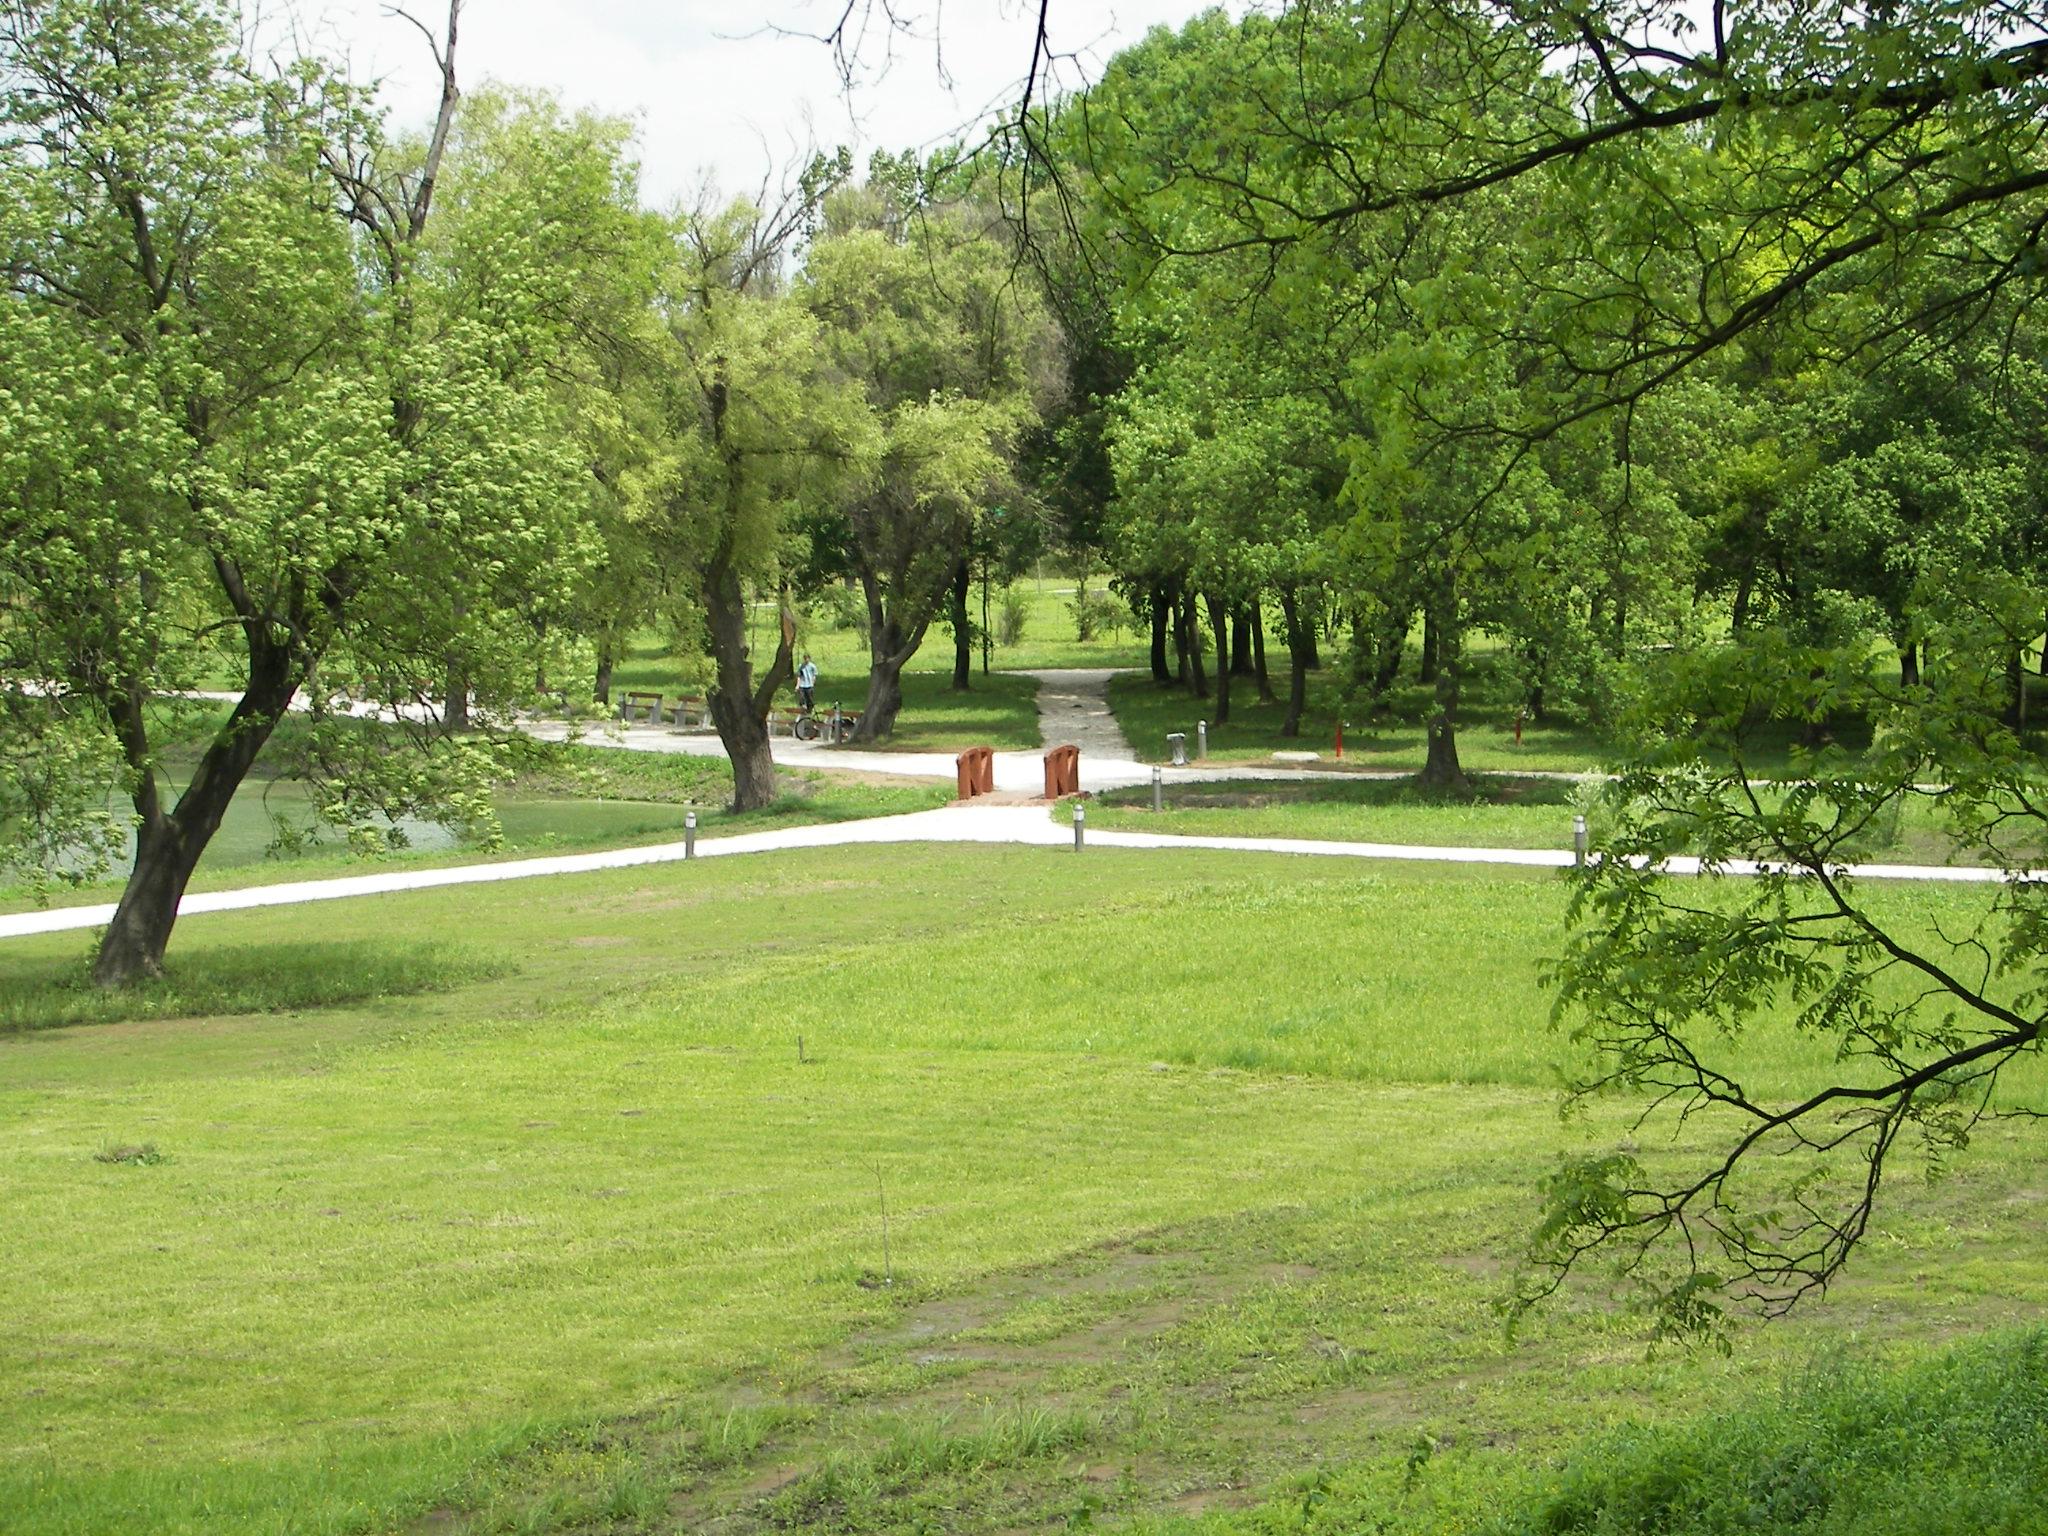 El Parque De Forg 225 Ch Castle Szecseny Hungr 237 A Informaci 243 N